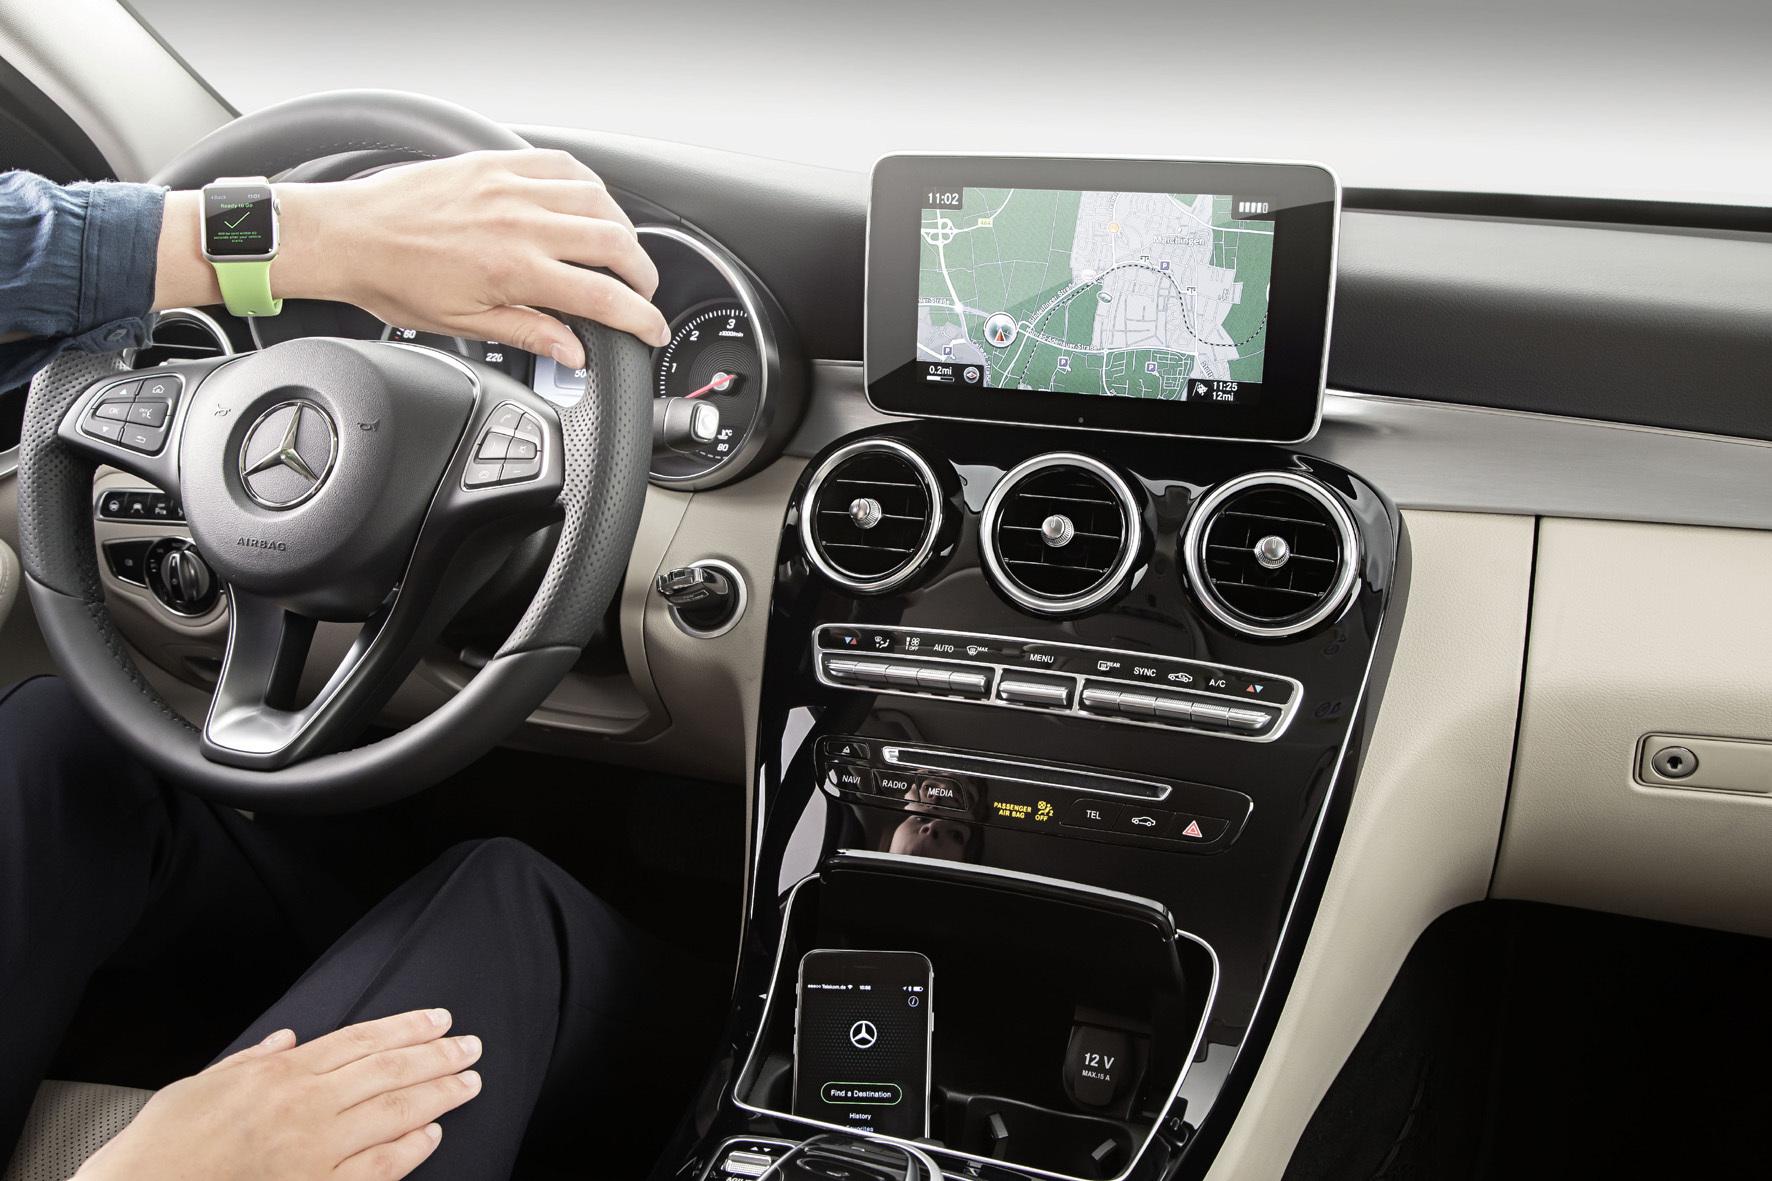 """mid Düsseldorf - Mit der neuen """"Companion-App"""" verknüpft Mercedes-Benz ab Herbst die Apple Watch mit den Infotainment-Systemen seiner Fahrzeuge."""